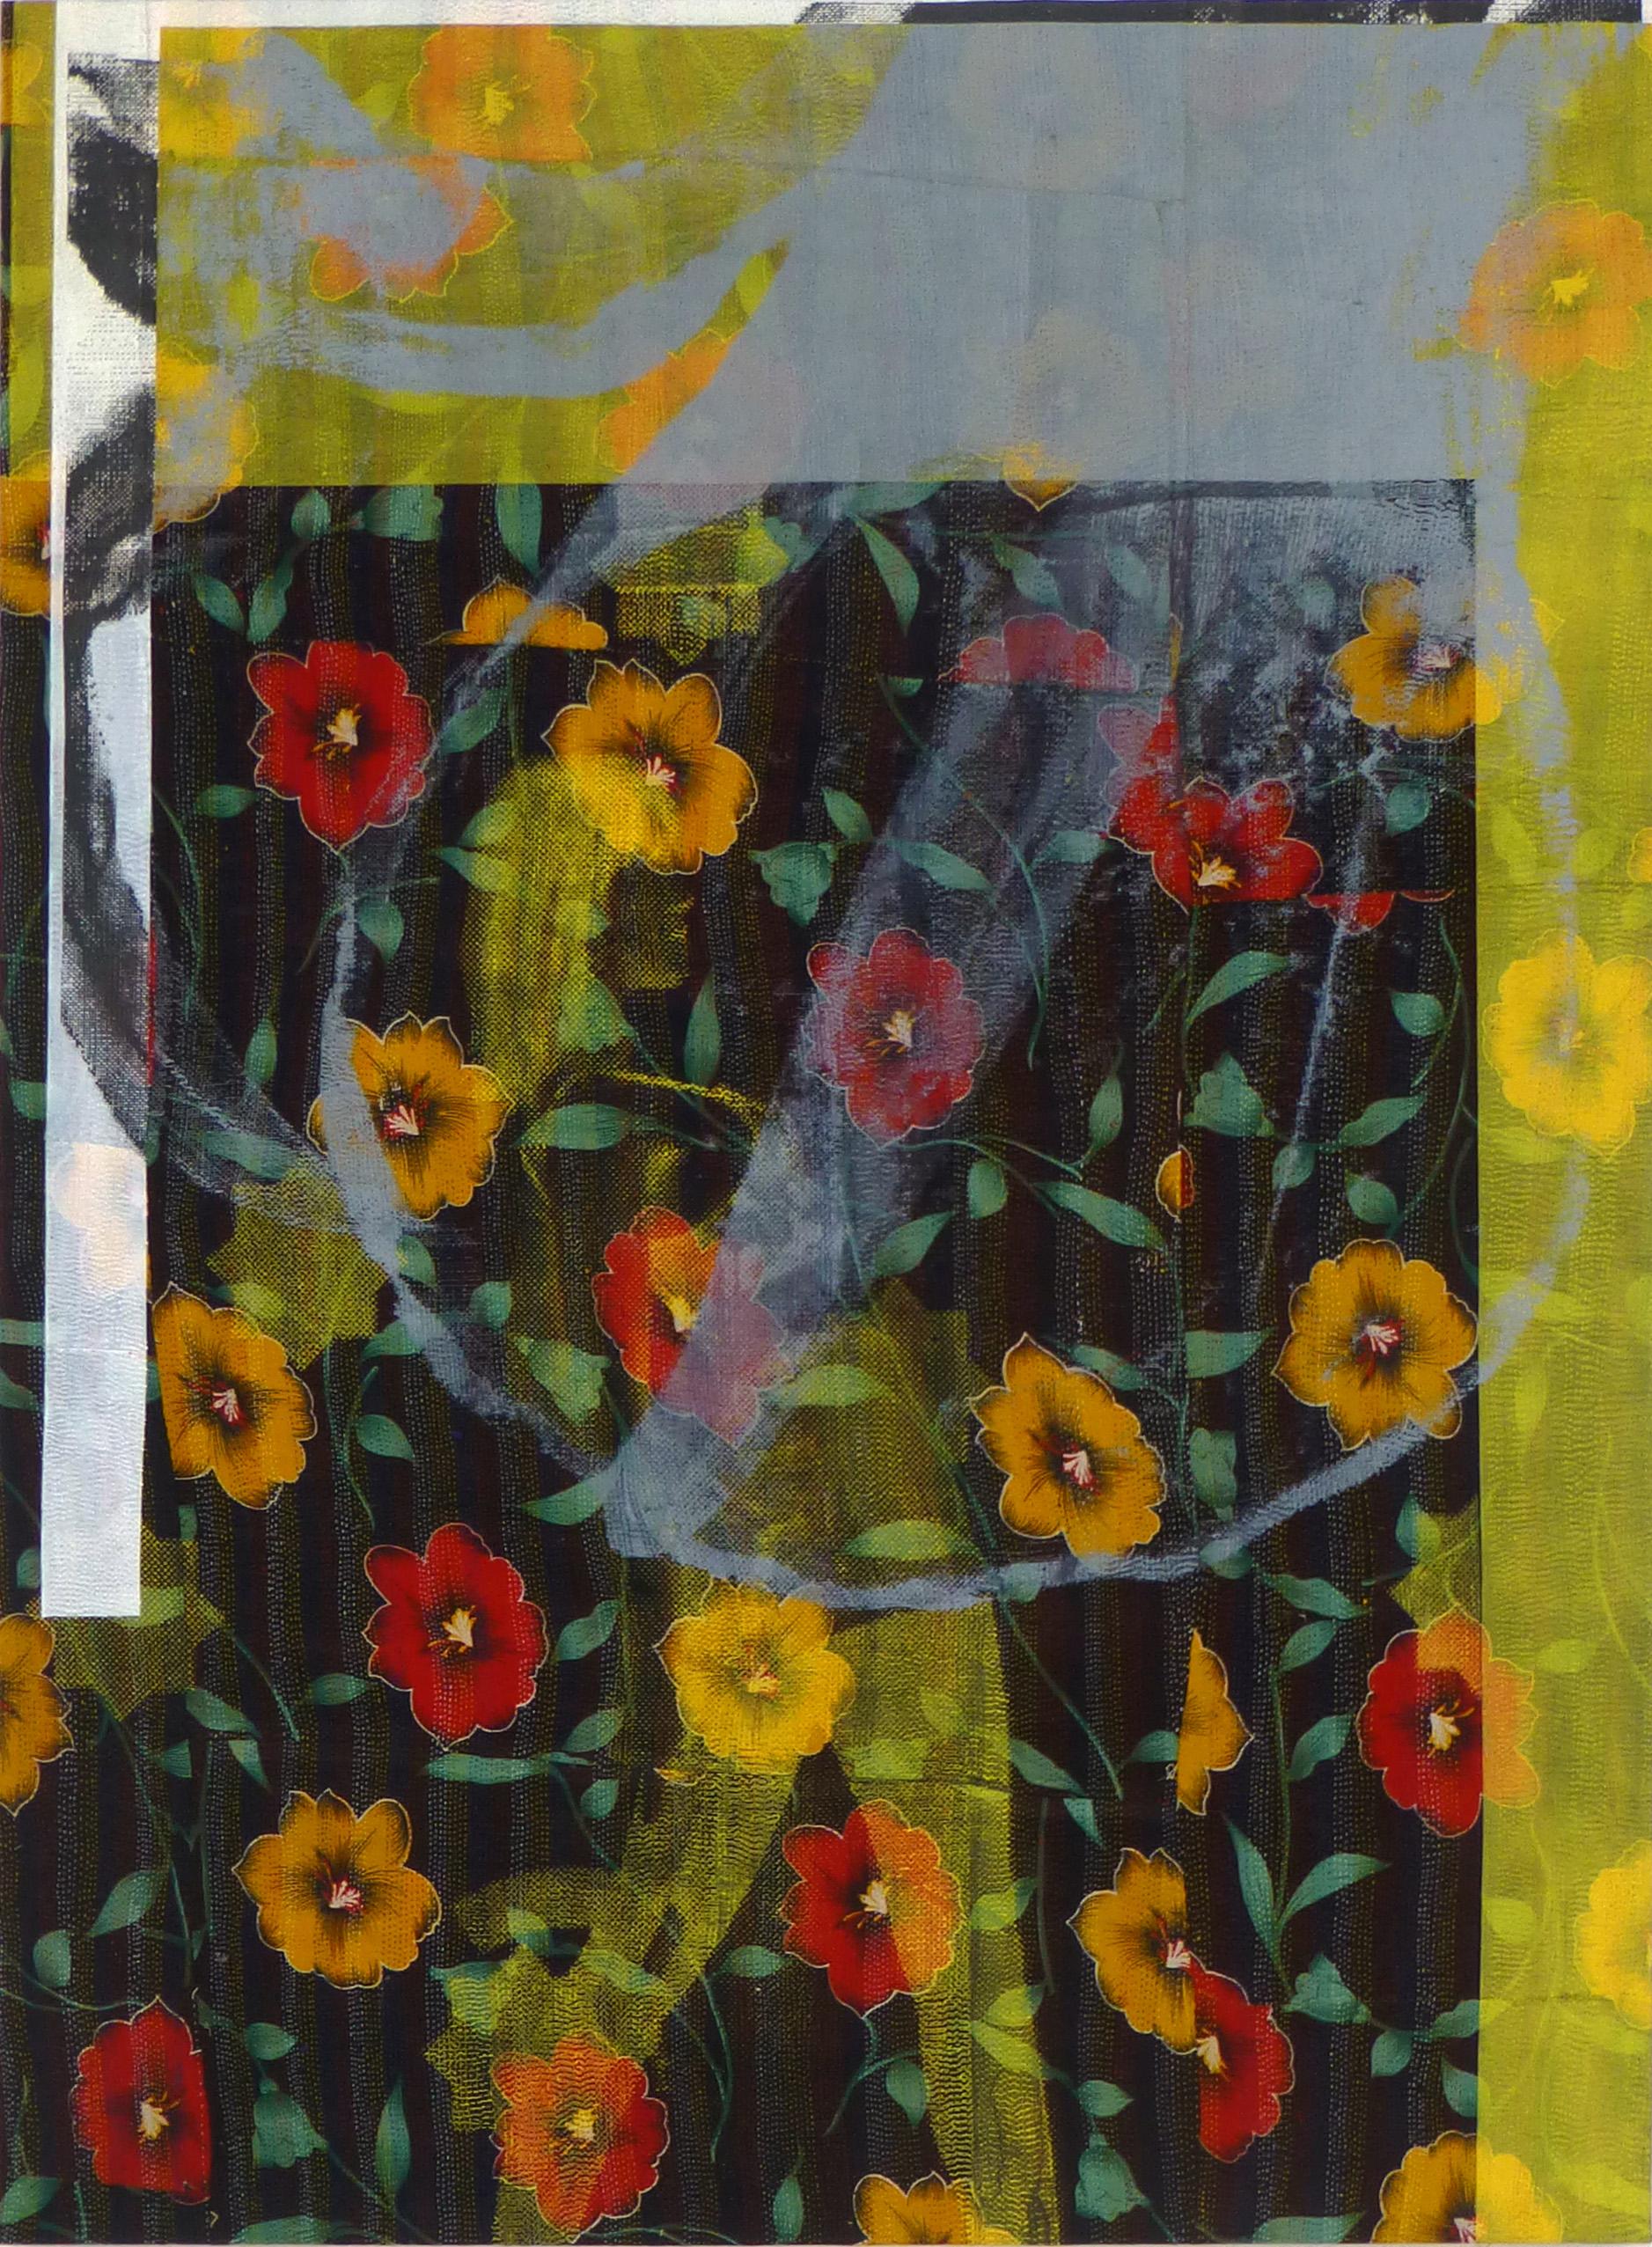 Shezad Dawood   Burning Moon , 2012 Acrylic on Vintage textile 61.81 x 45.67 inches 157 x 116 cm